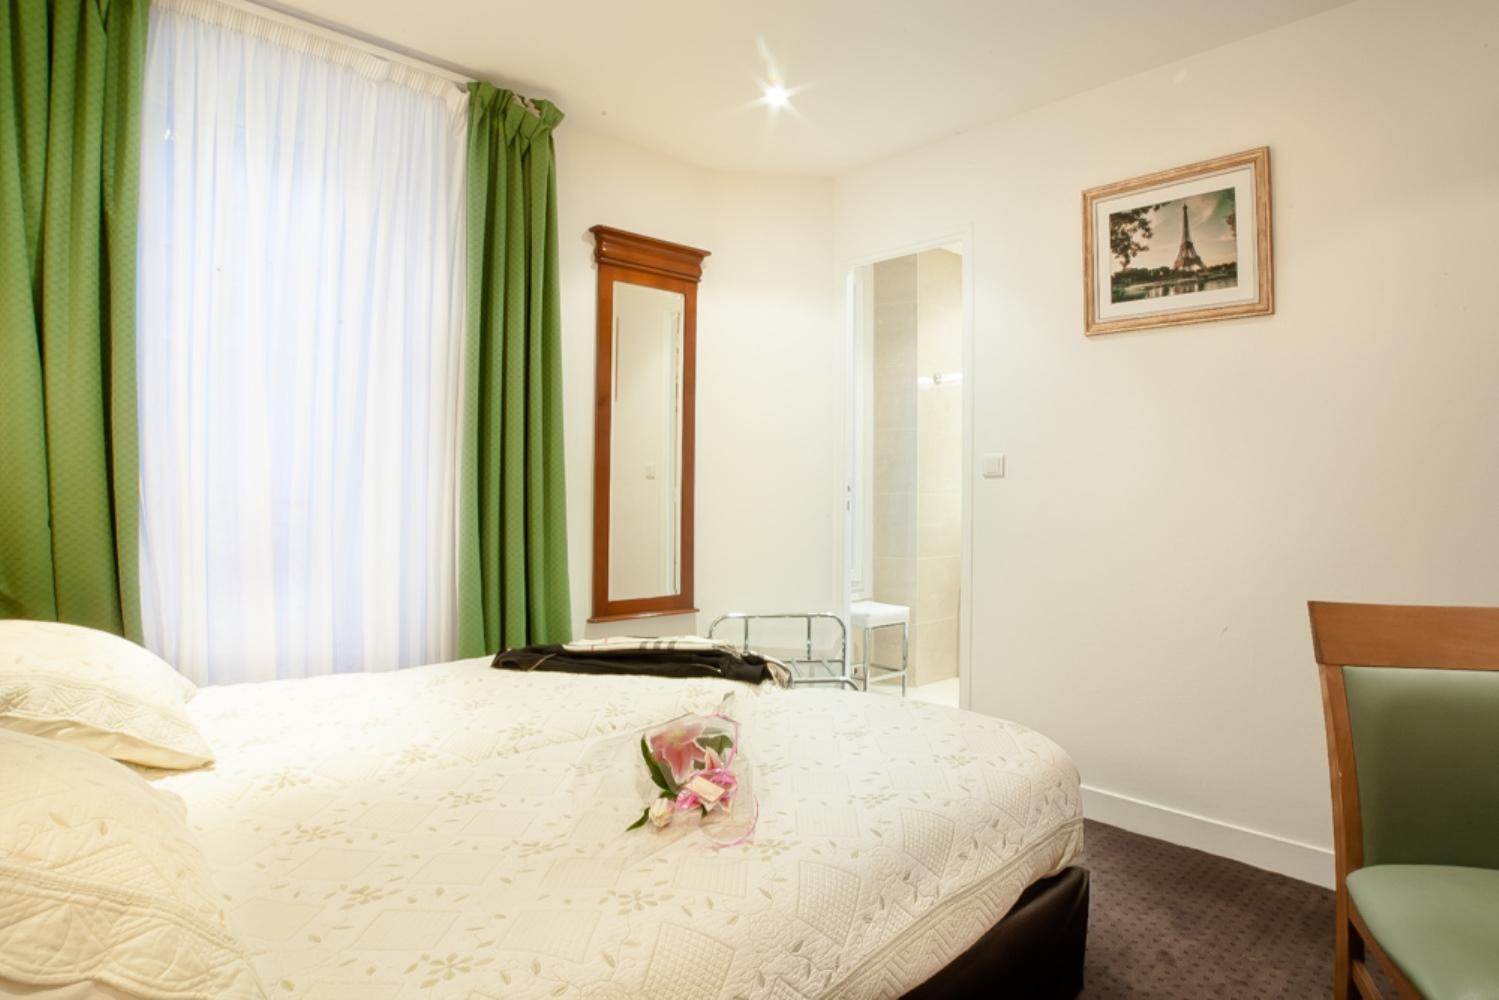 Chambre Twin Avec Douche à Lu0027Hôtel AGENOR, Hôtel 3 étoiles Quartier  Montparnasse,